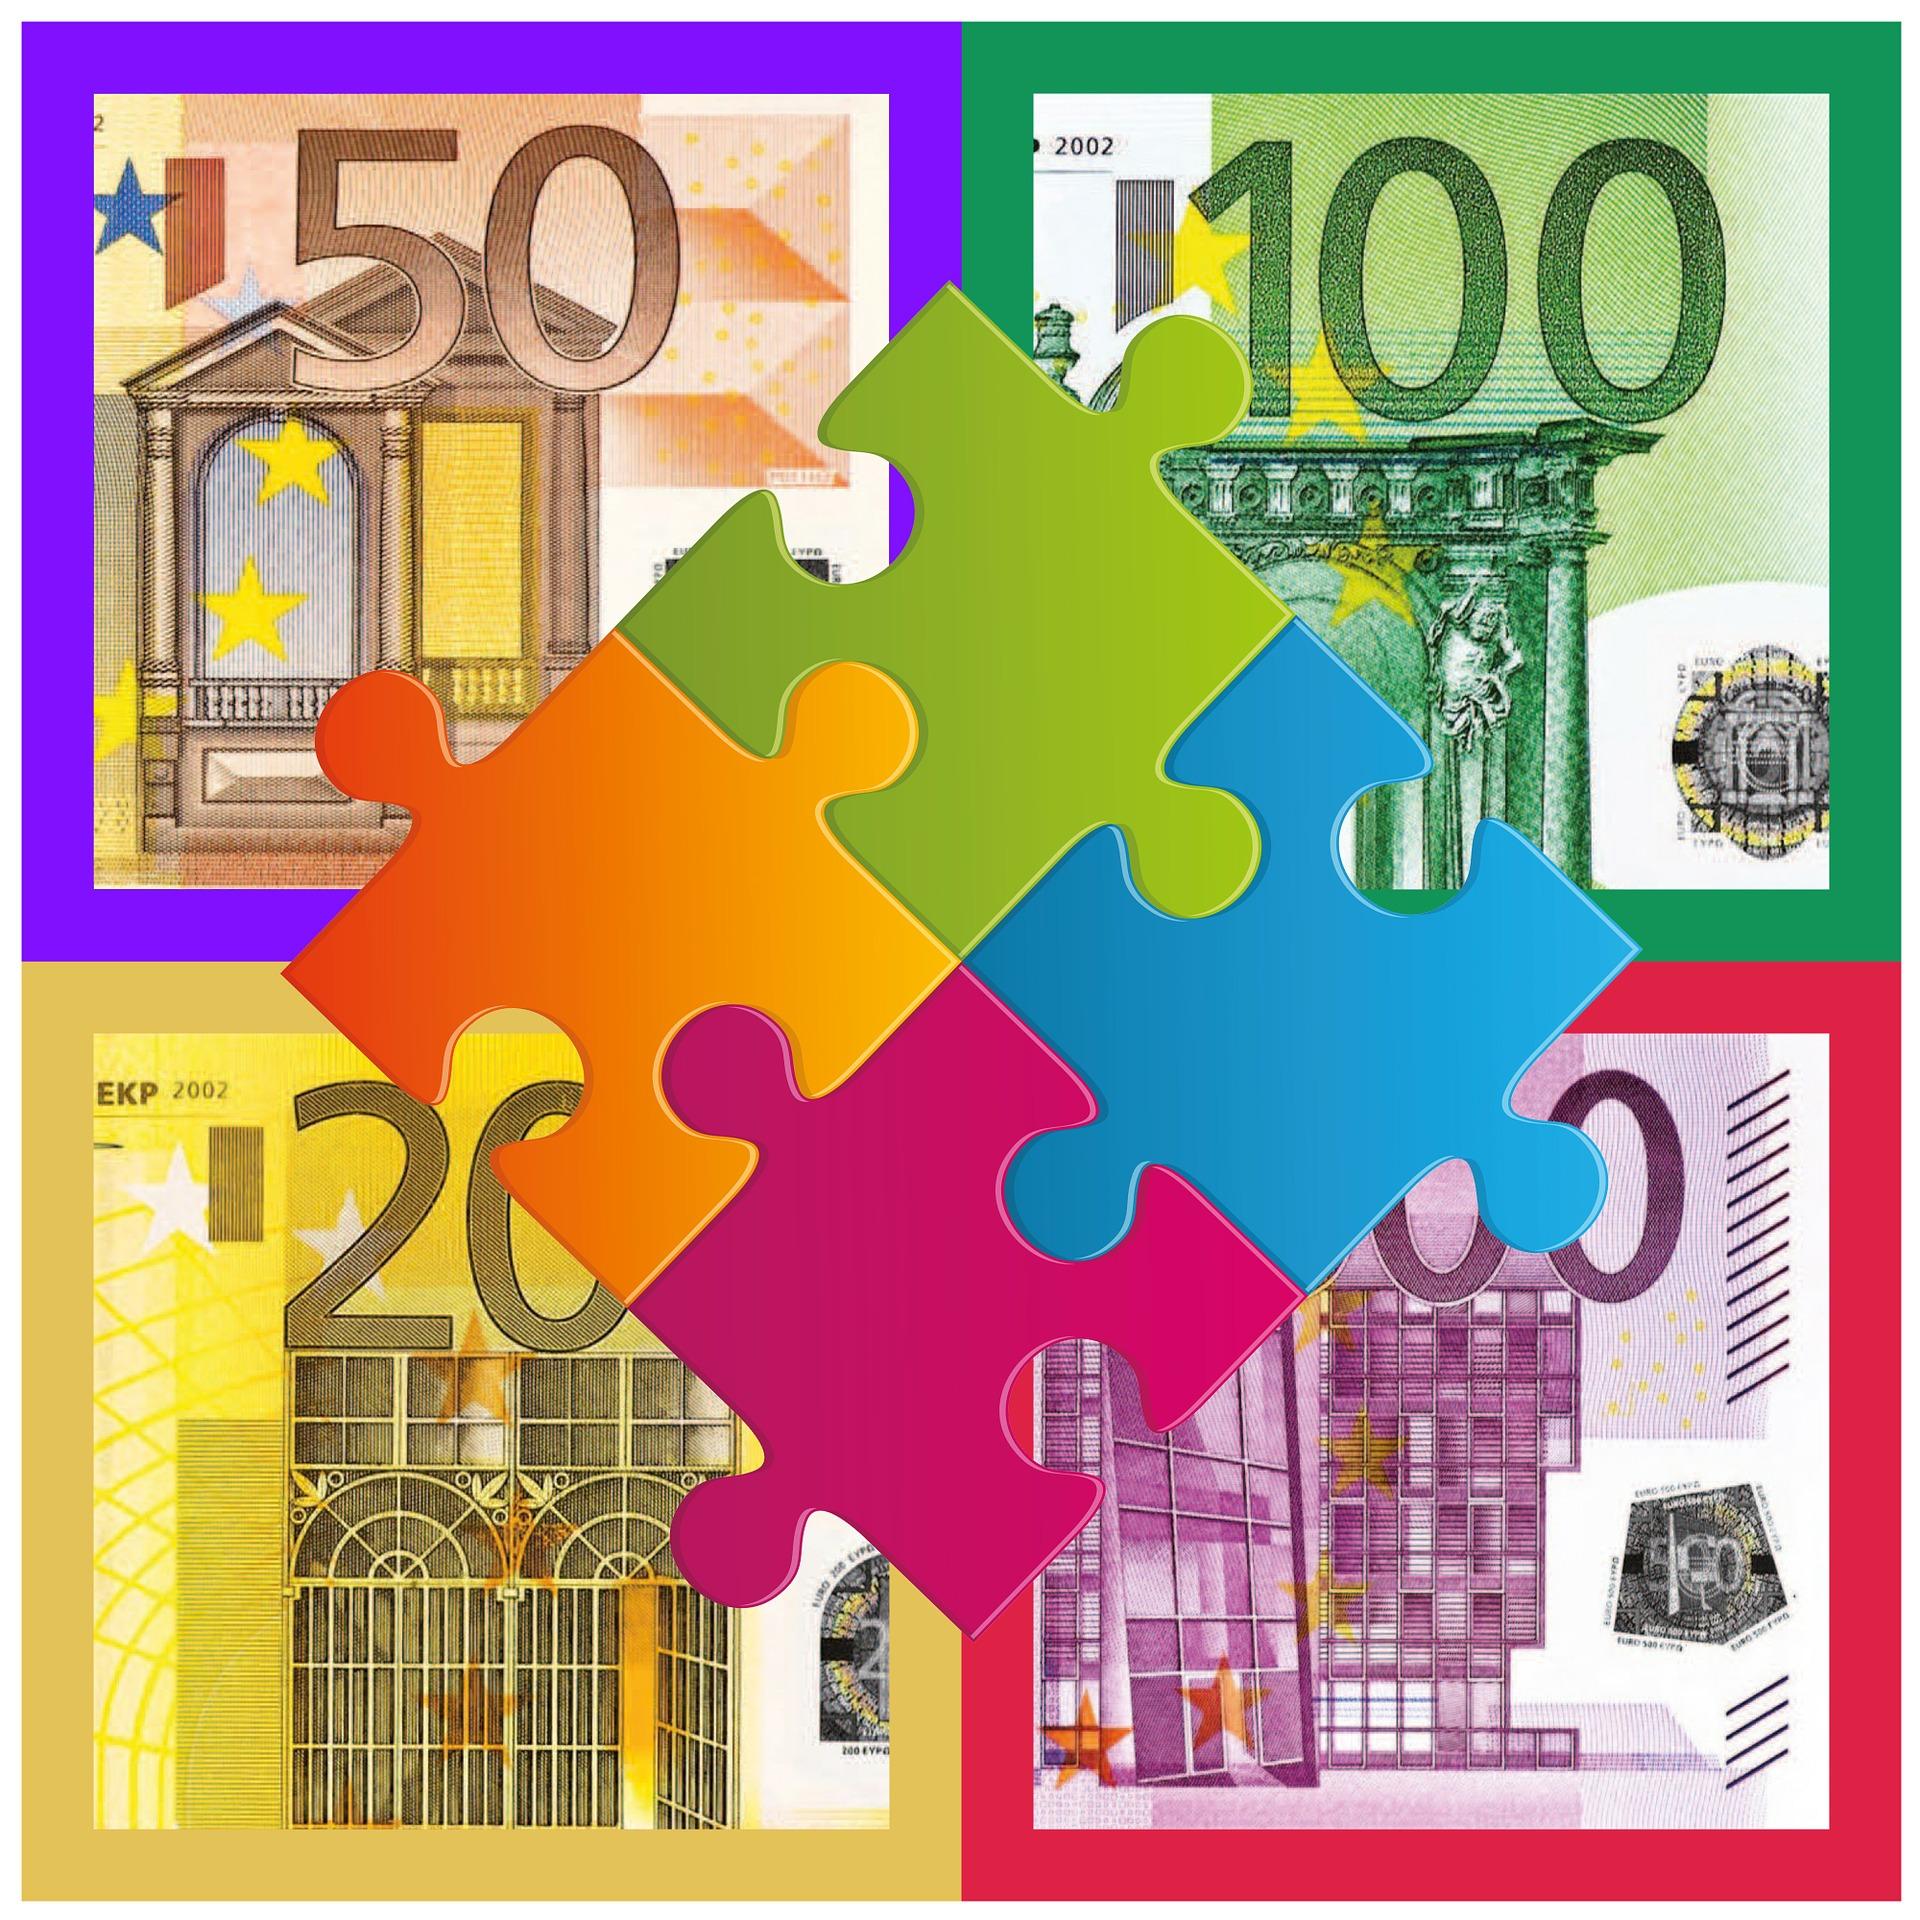 Pénzügyi tudatosság fejlesztése: stratégiát dolgozott ki a kormány